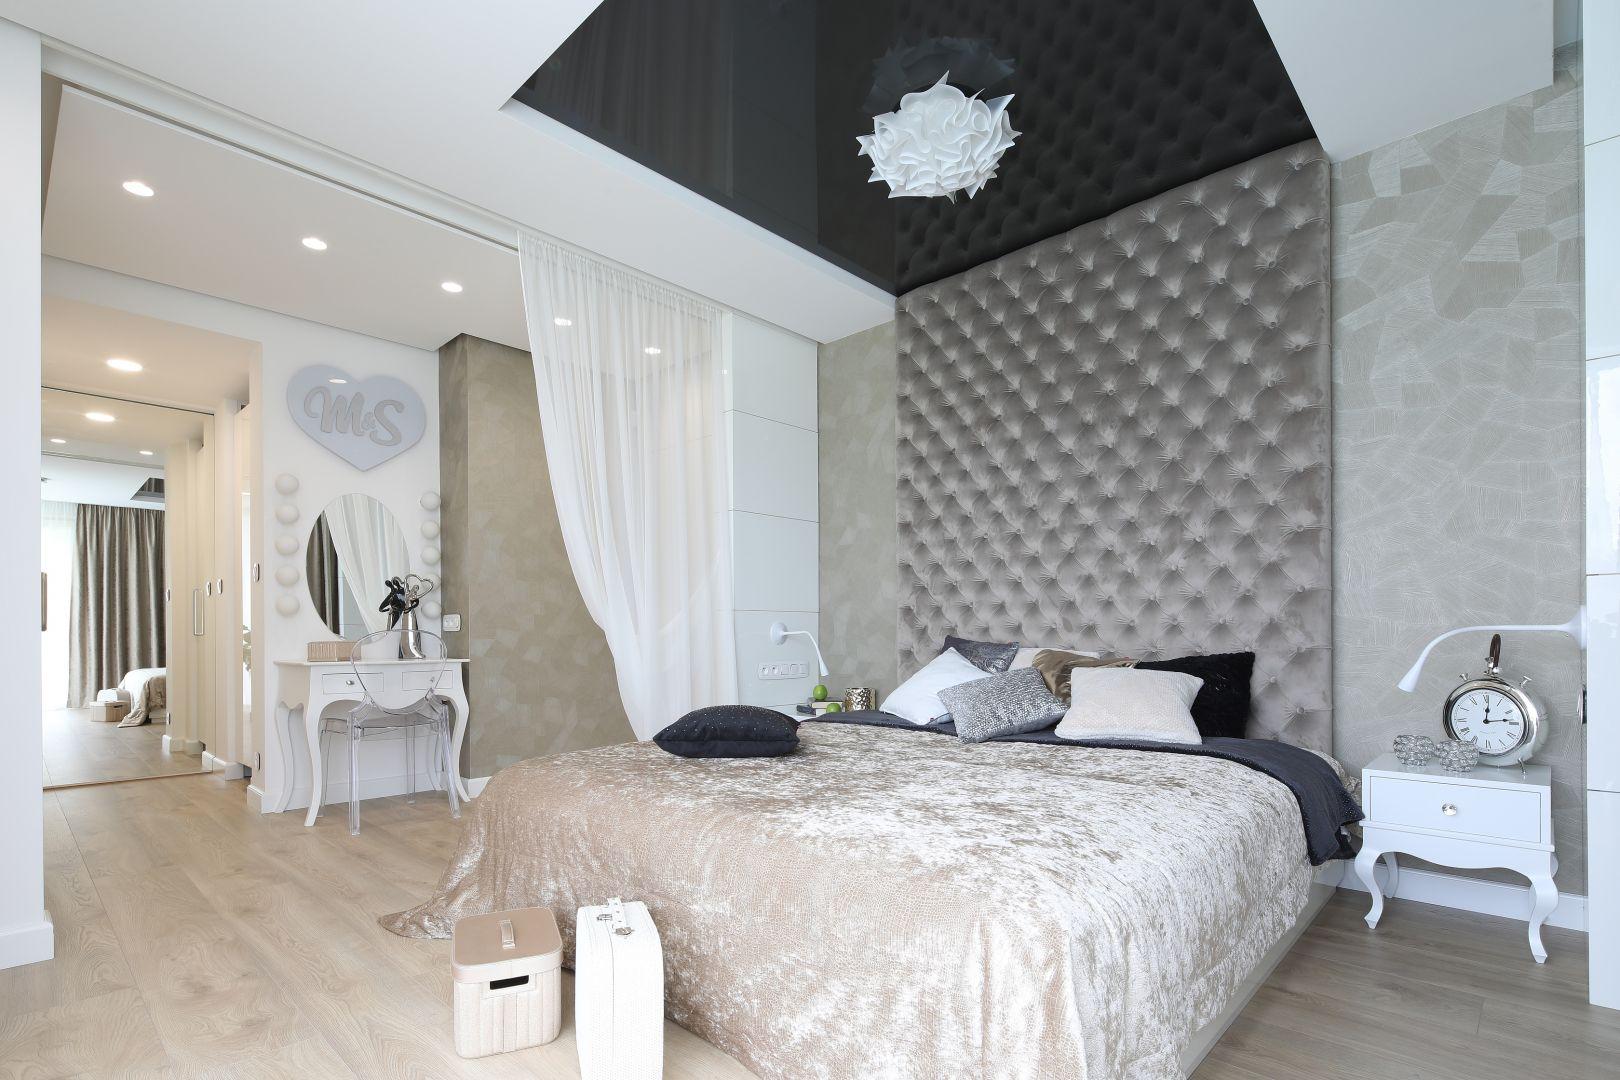 Pomysł na oświetlenie w sypialni. Projekt: Dariusz Grabowski. Fot. Bartosz Jarosz